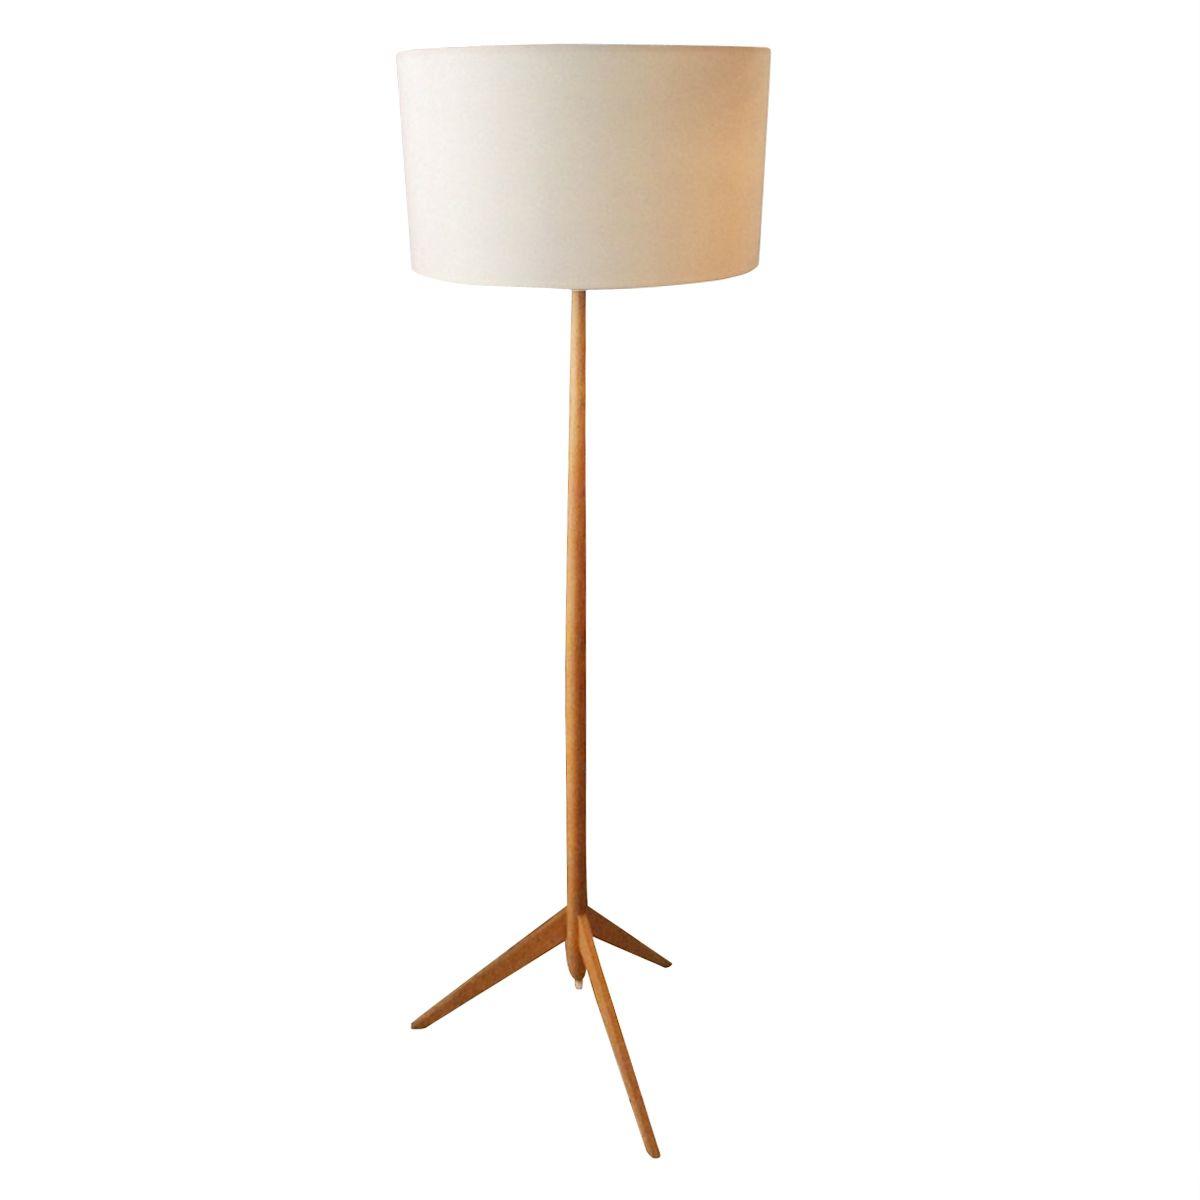 Einzigartig Dreibein Stehlampe Sammlung Von Dänische Stehlampe, 1960er